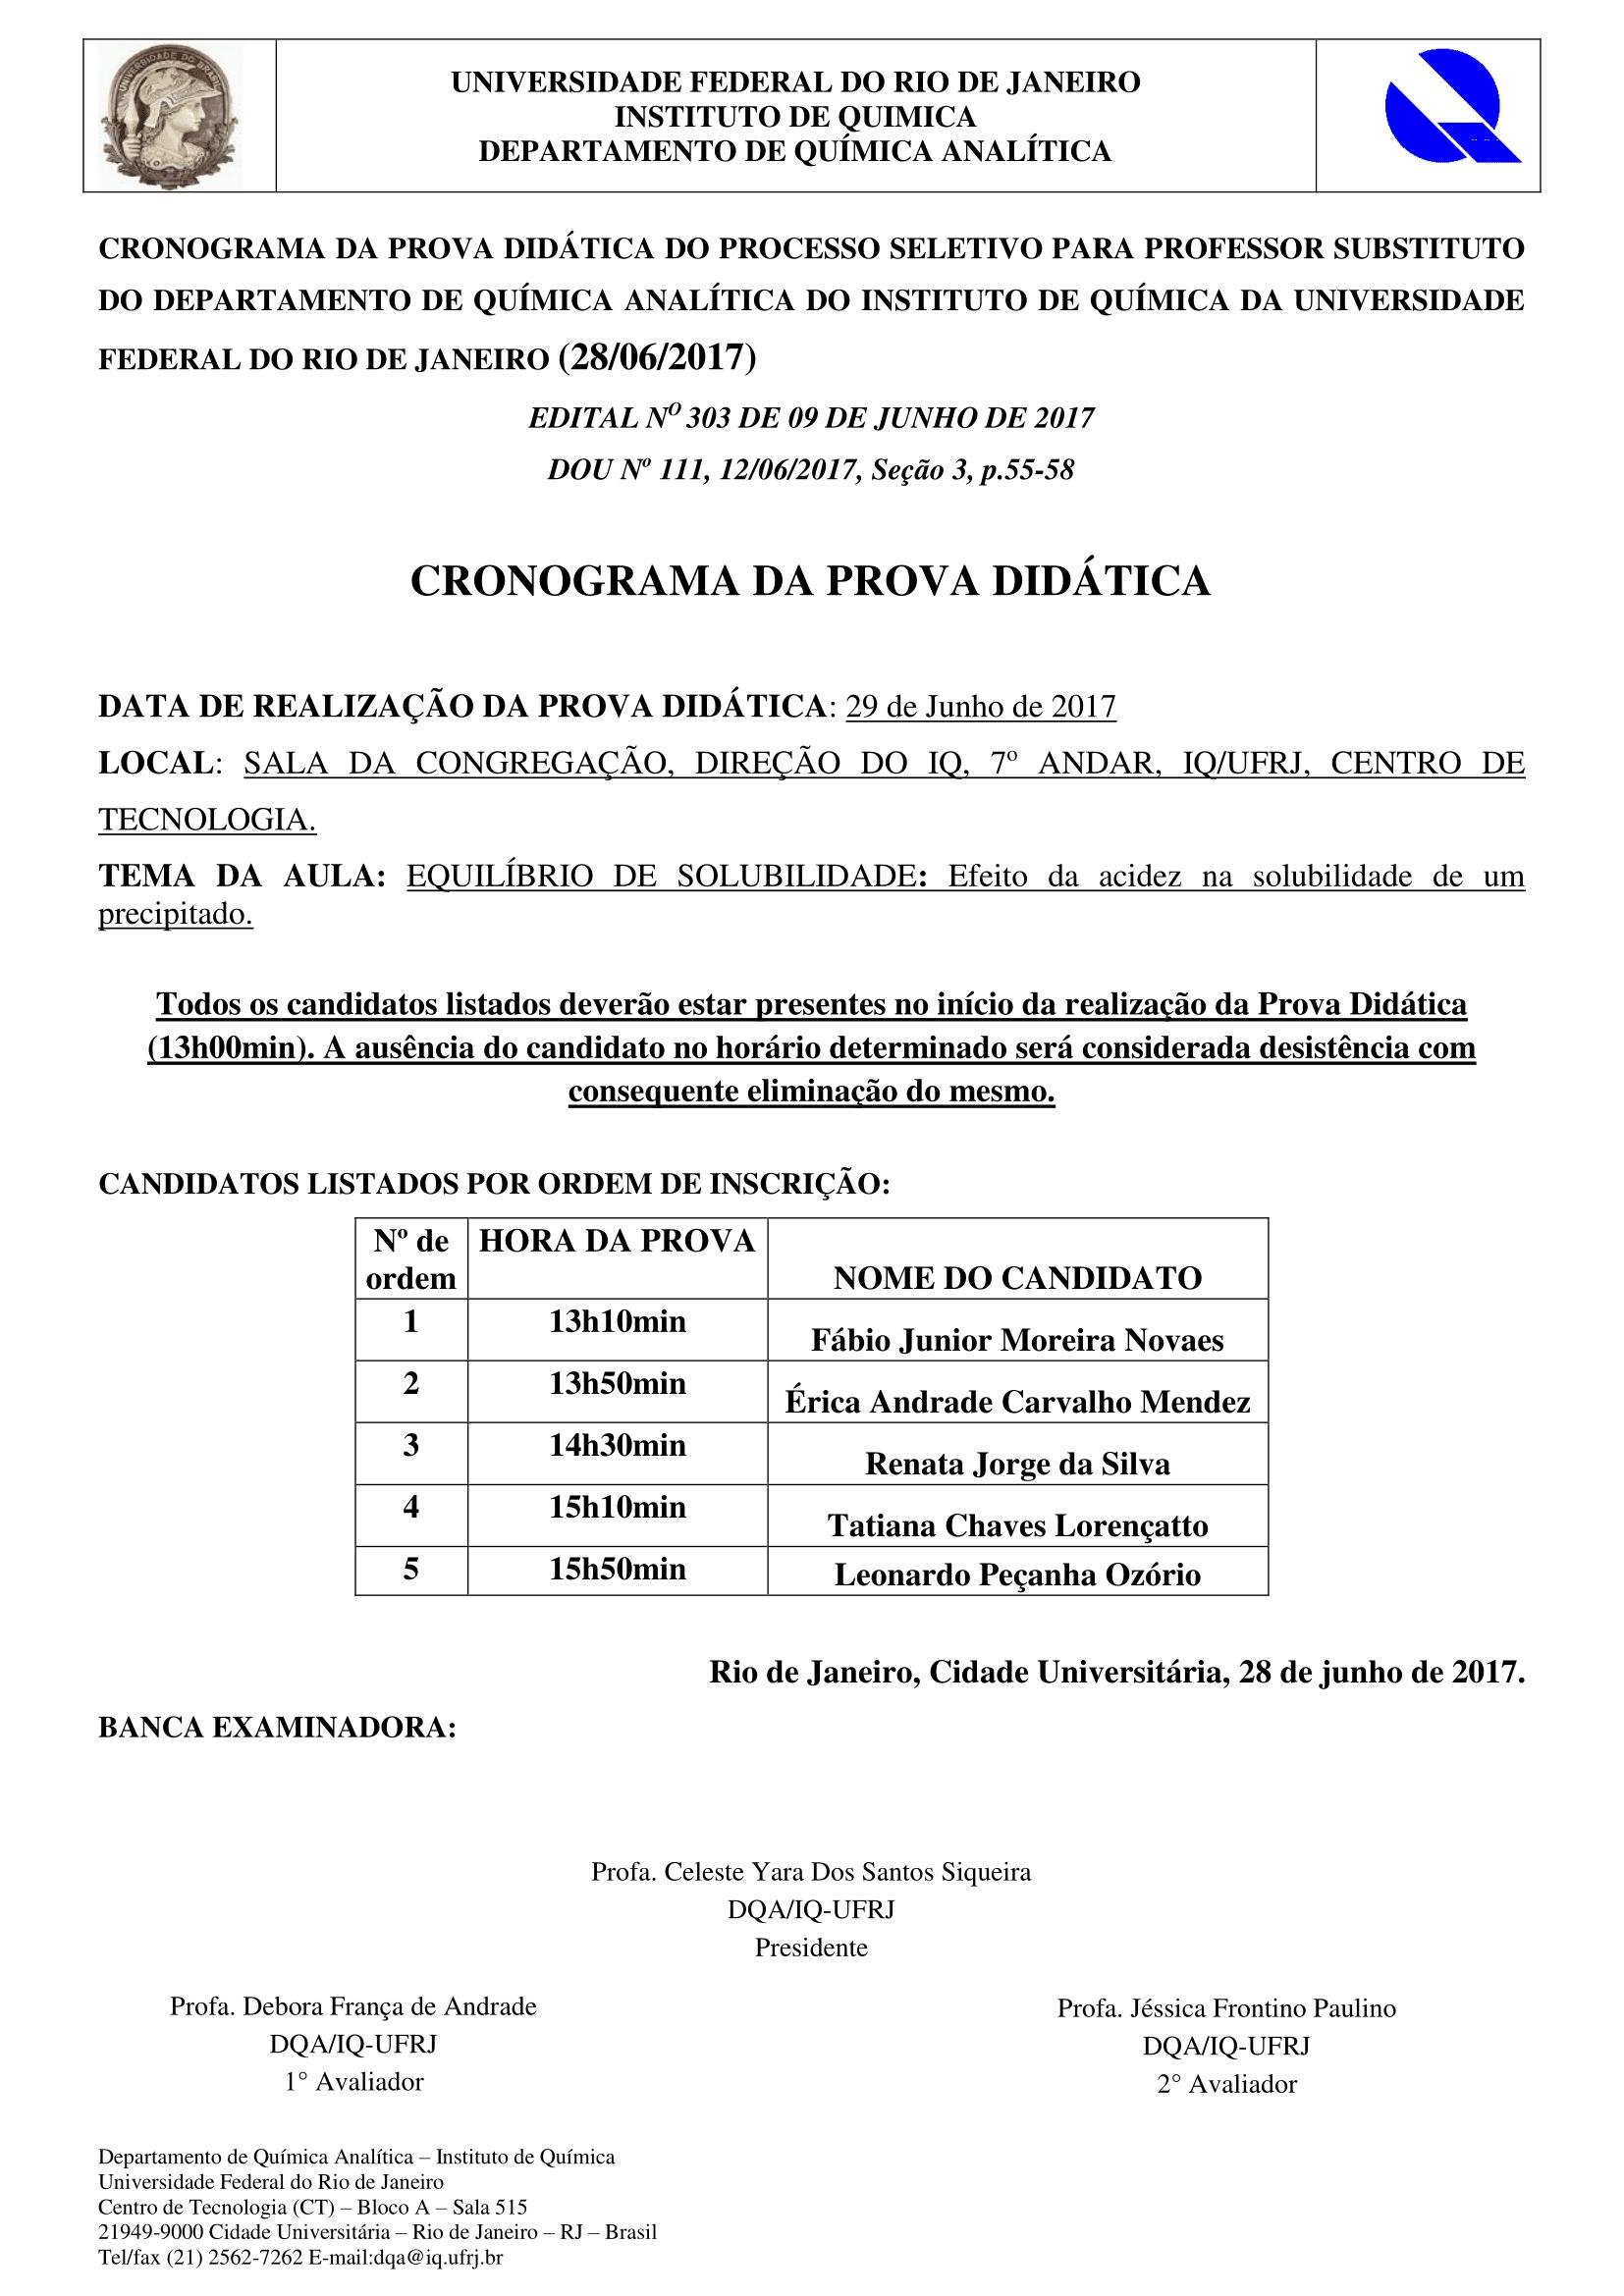 cronograma-apresentacao-prova-didatica_publicado-site-do-iq-1-1